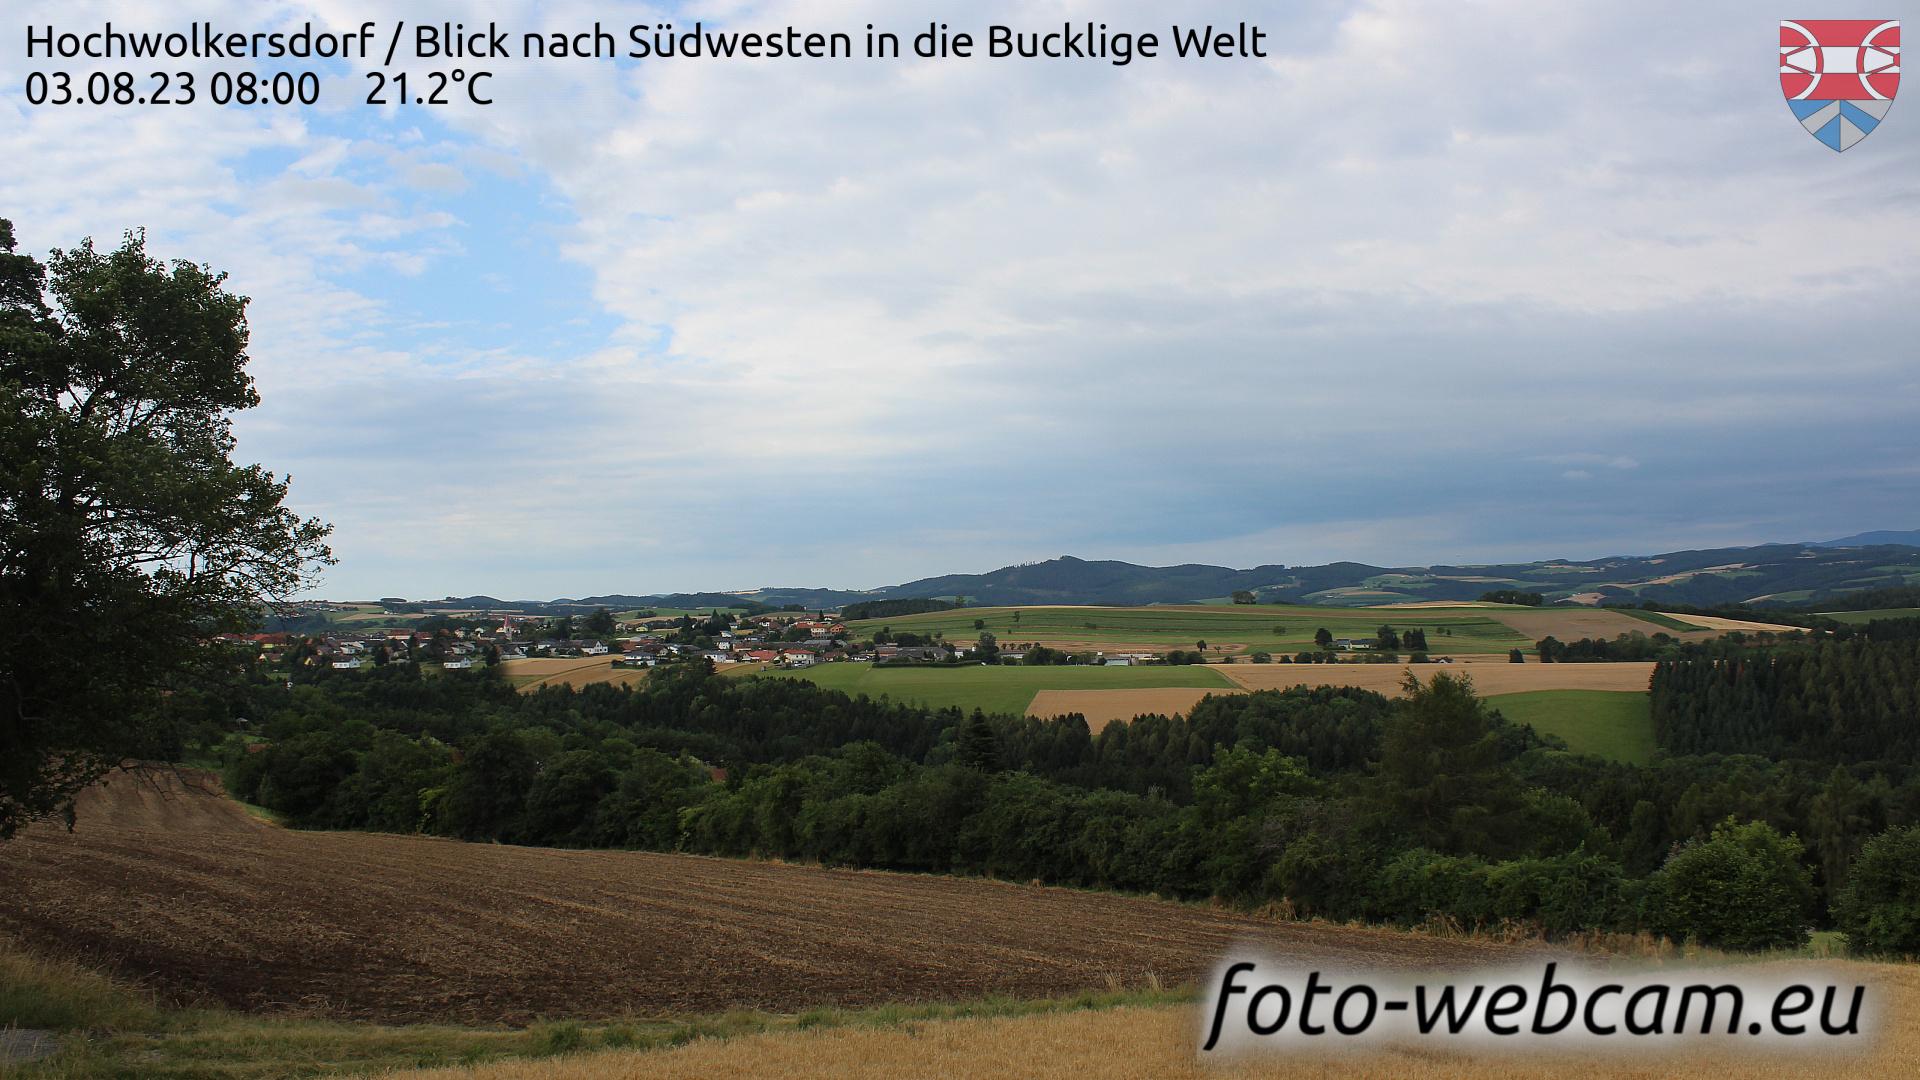 Hochwolkersdorf Wed. 08:09